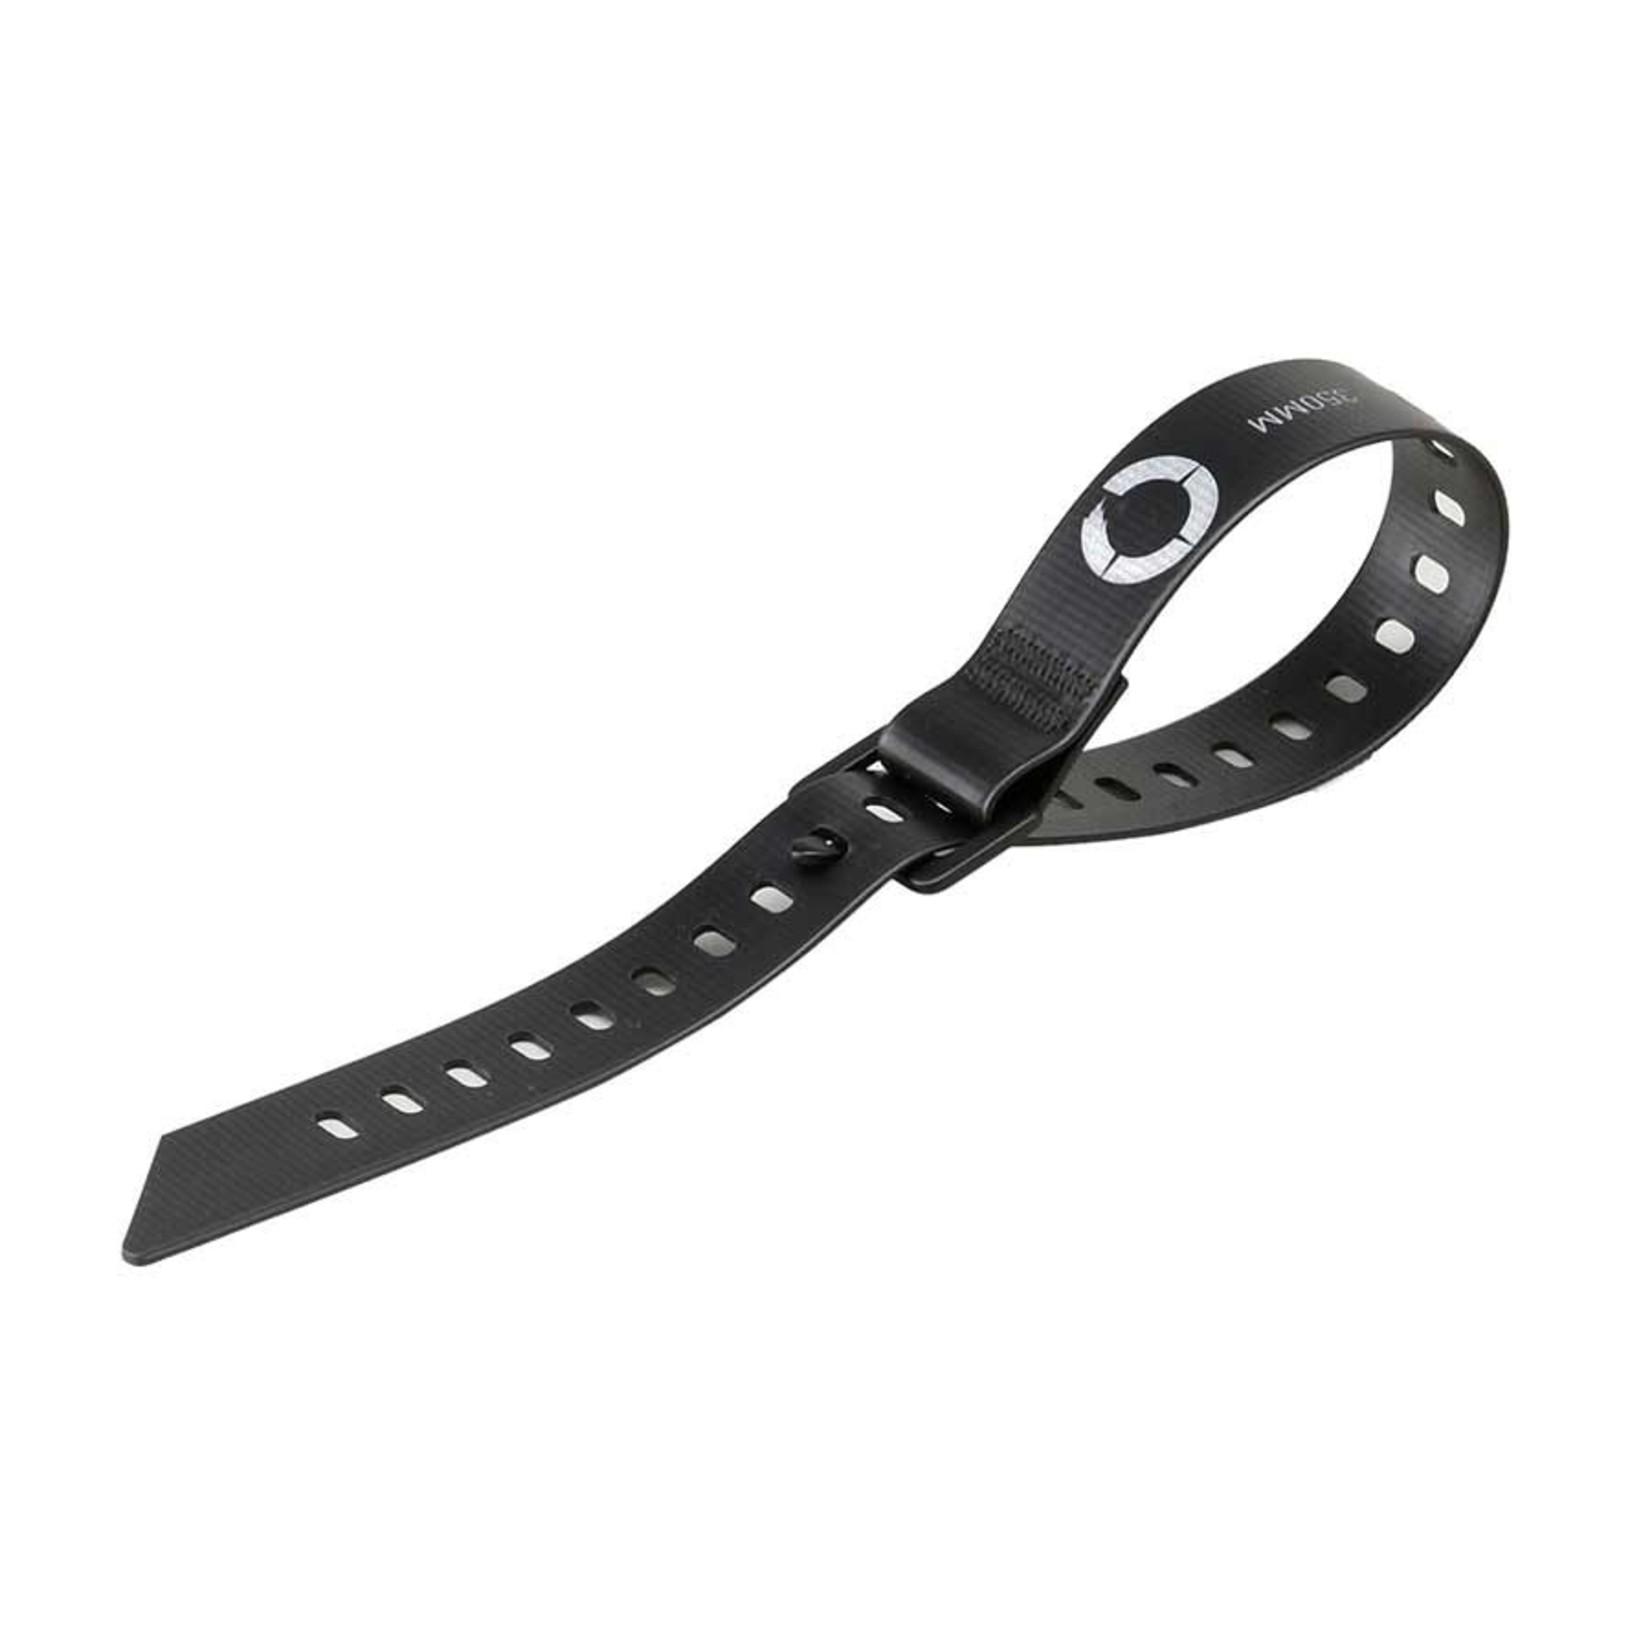 Roswheel Roswheel Off-Road Gear Strap Kit